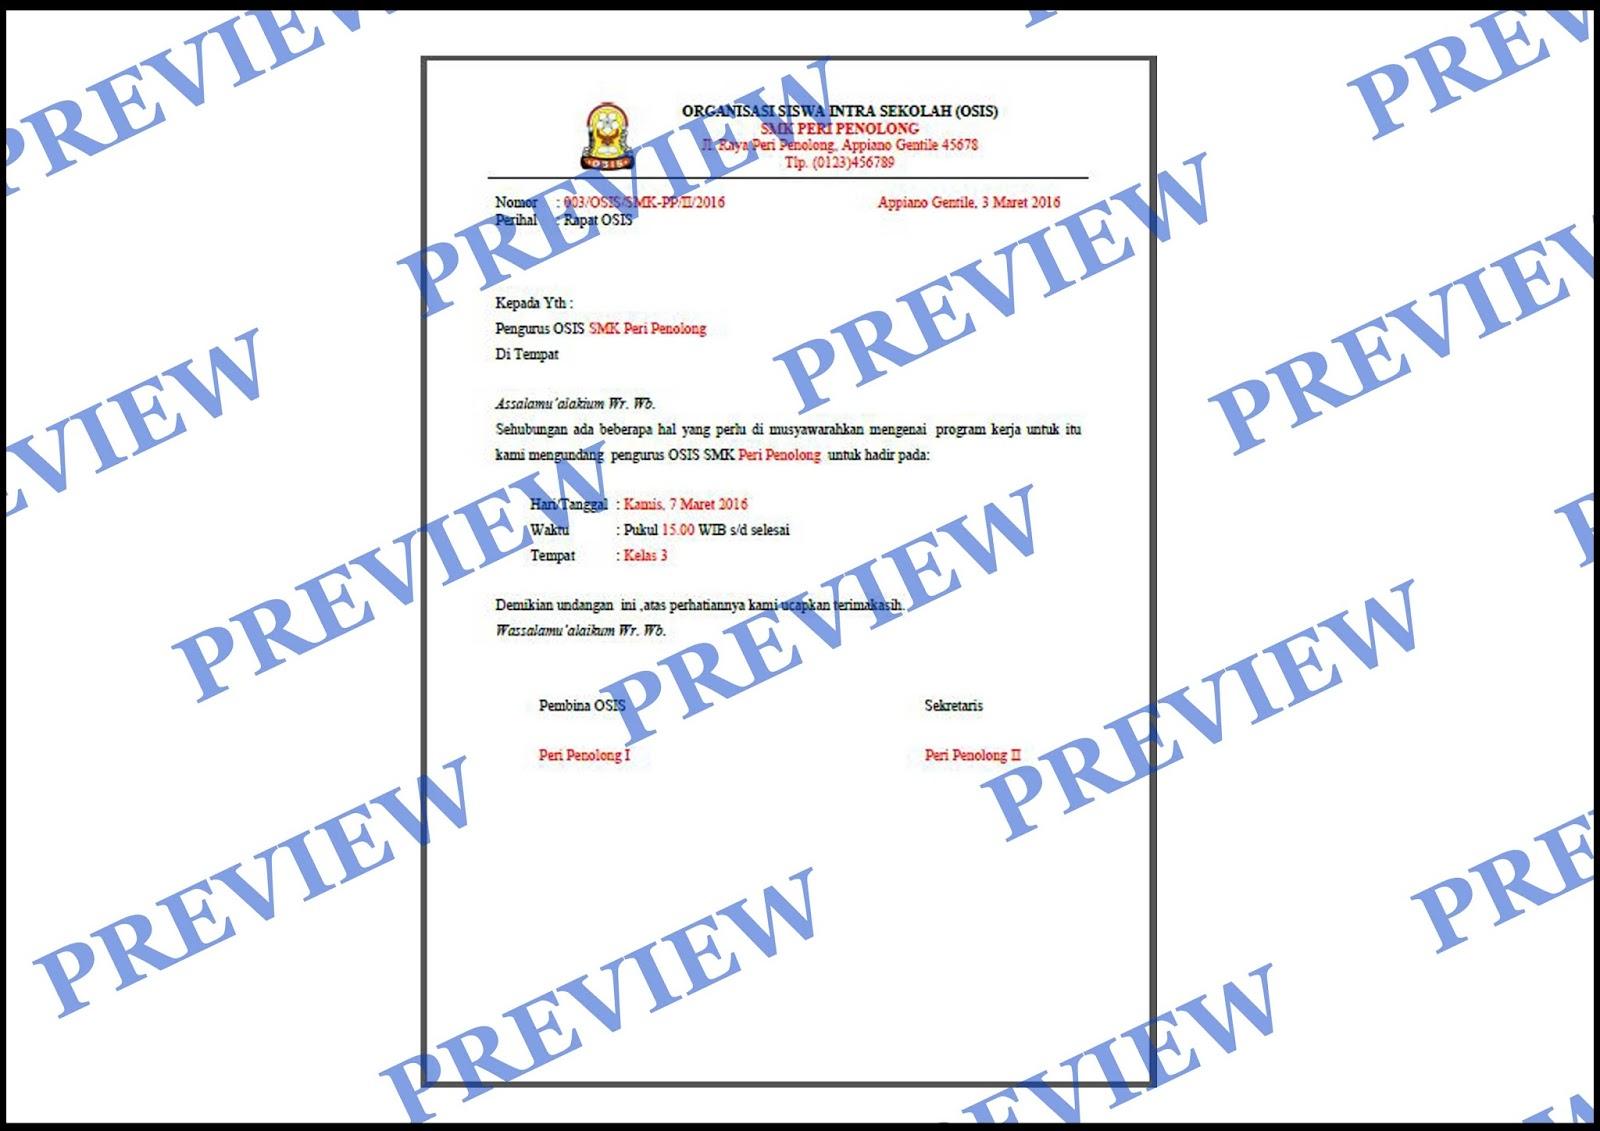 218 Contoh Surat Undangan Rapat Osis Smk Kumpulan Surat